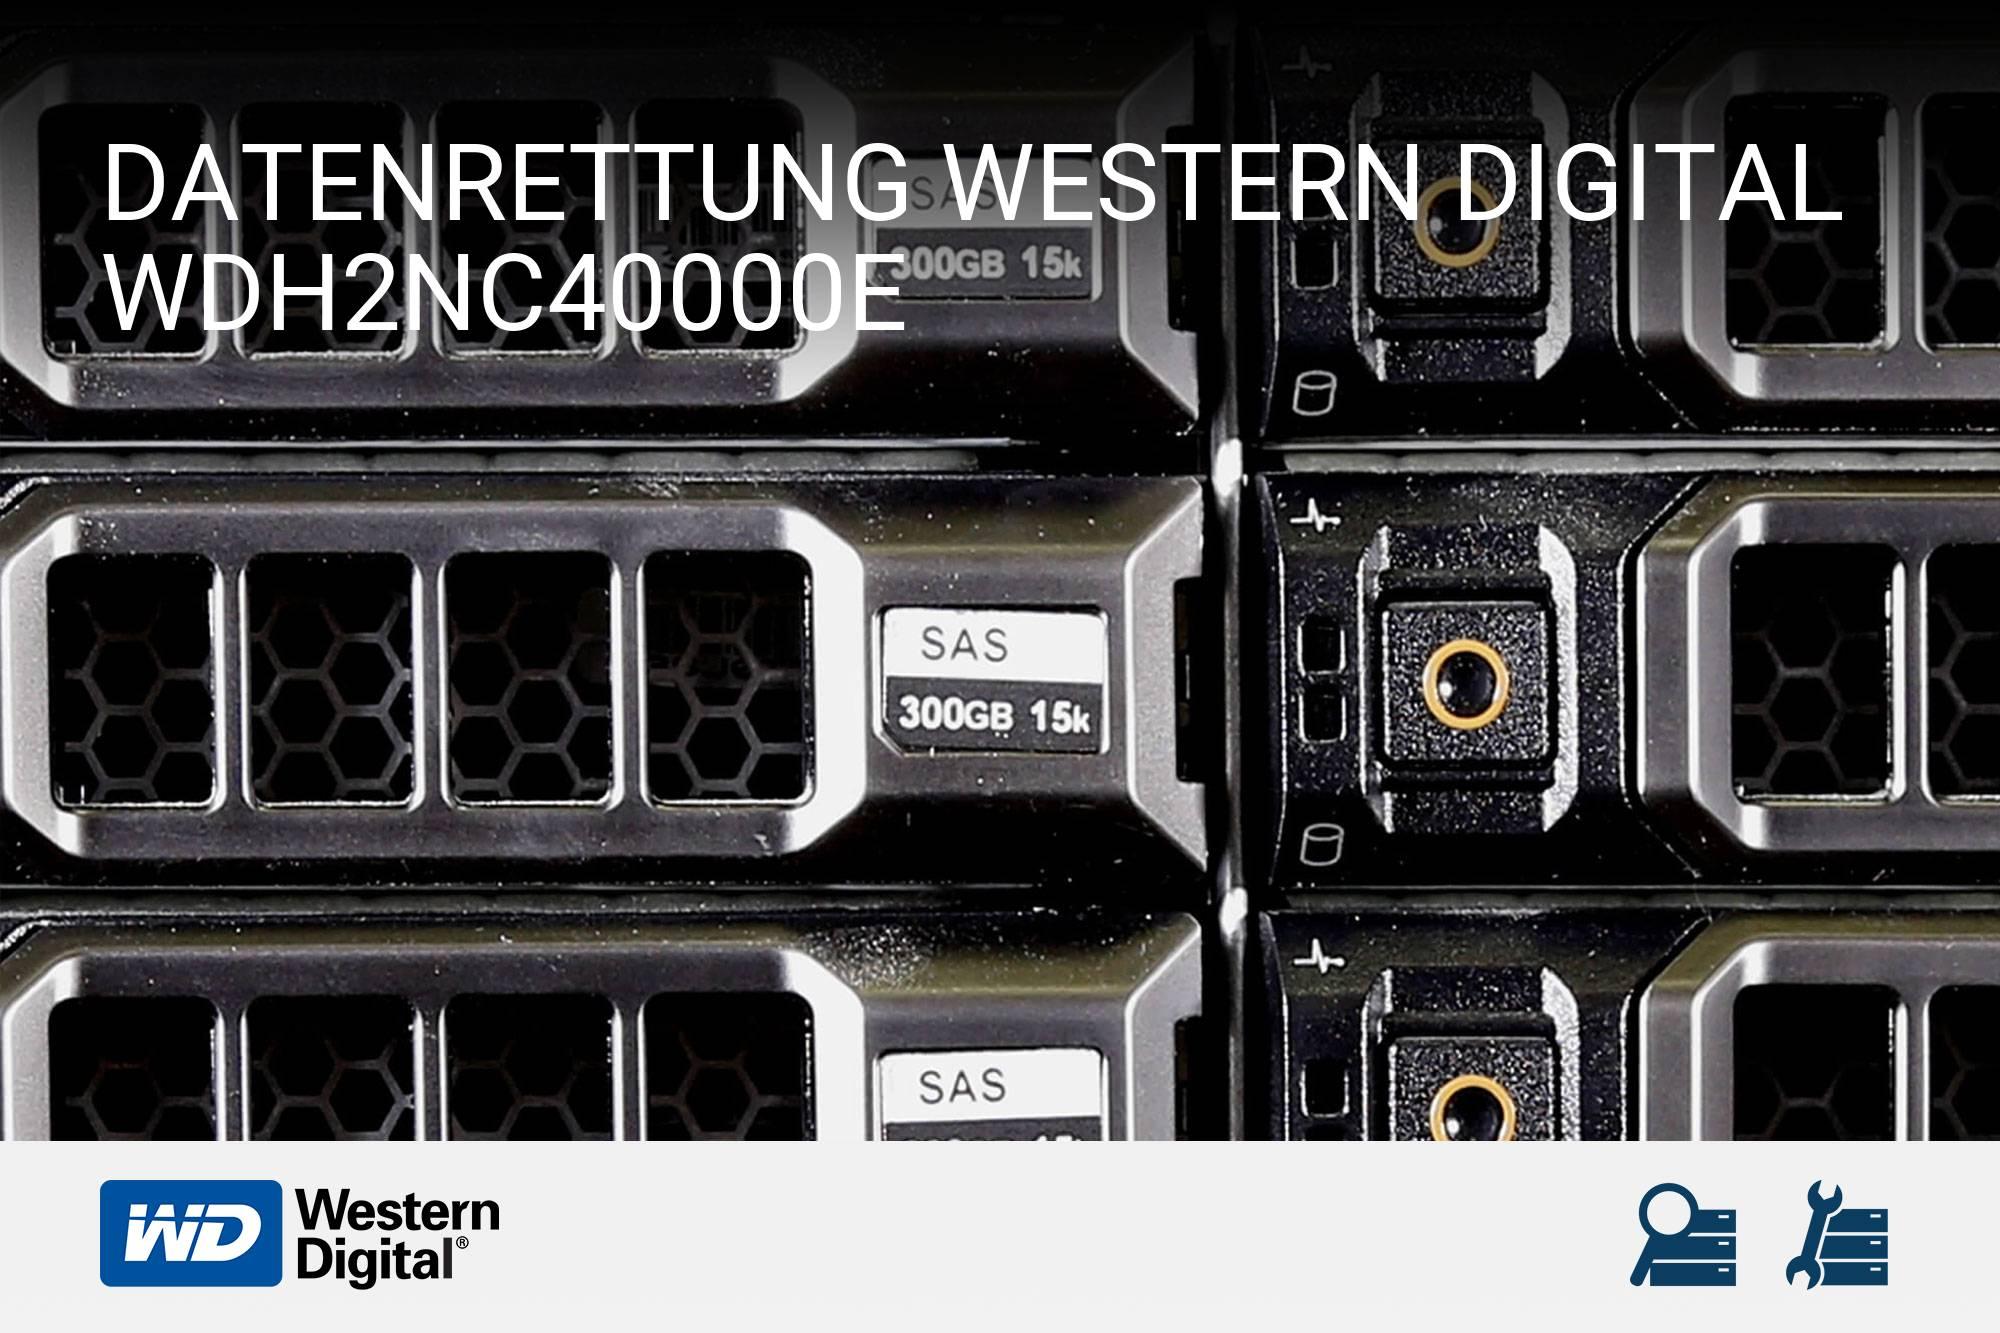 Western Digital WDH2NC40000E